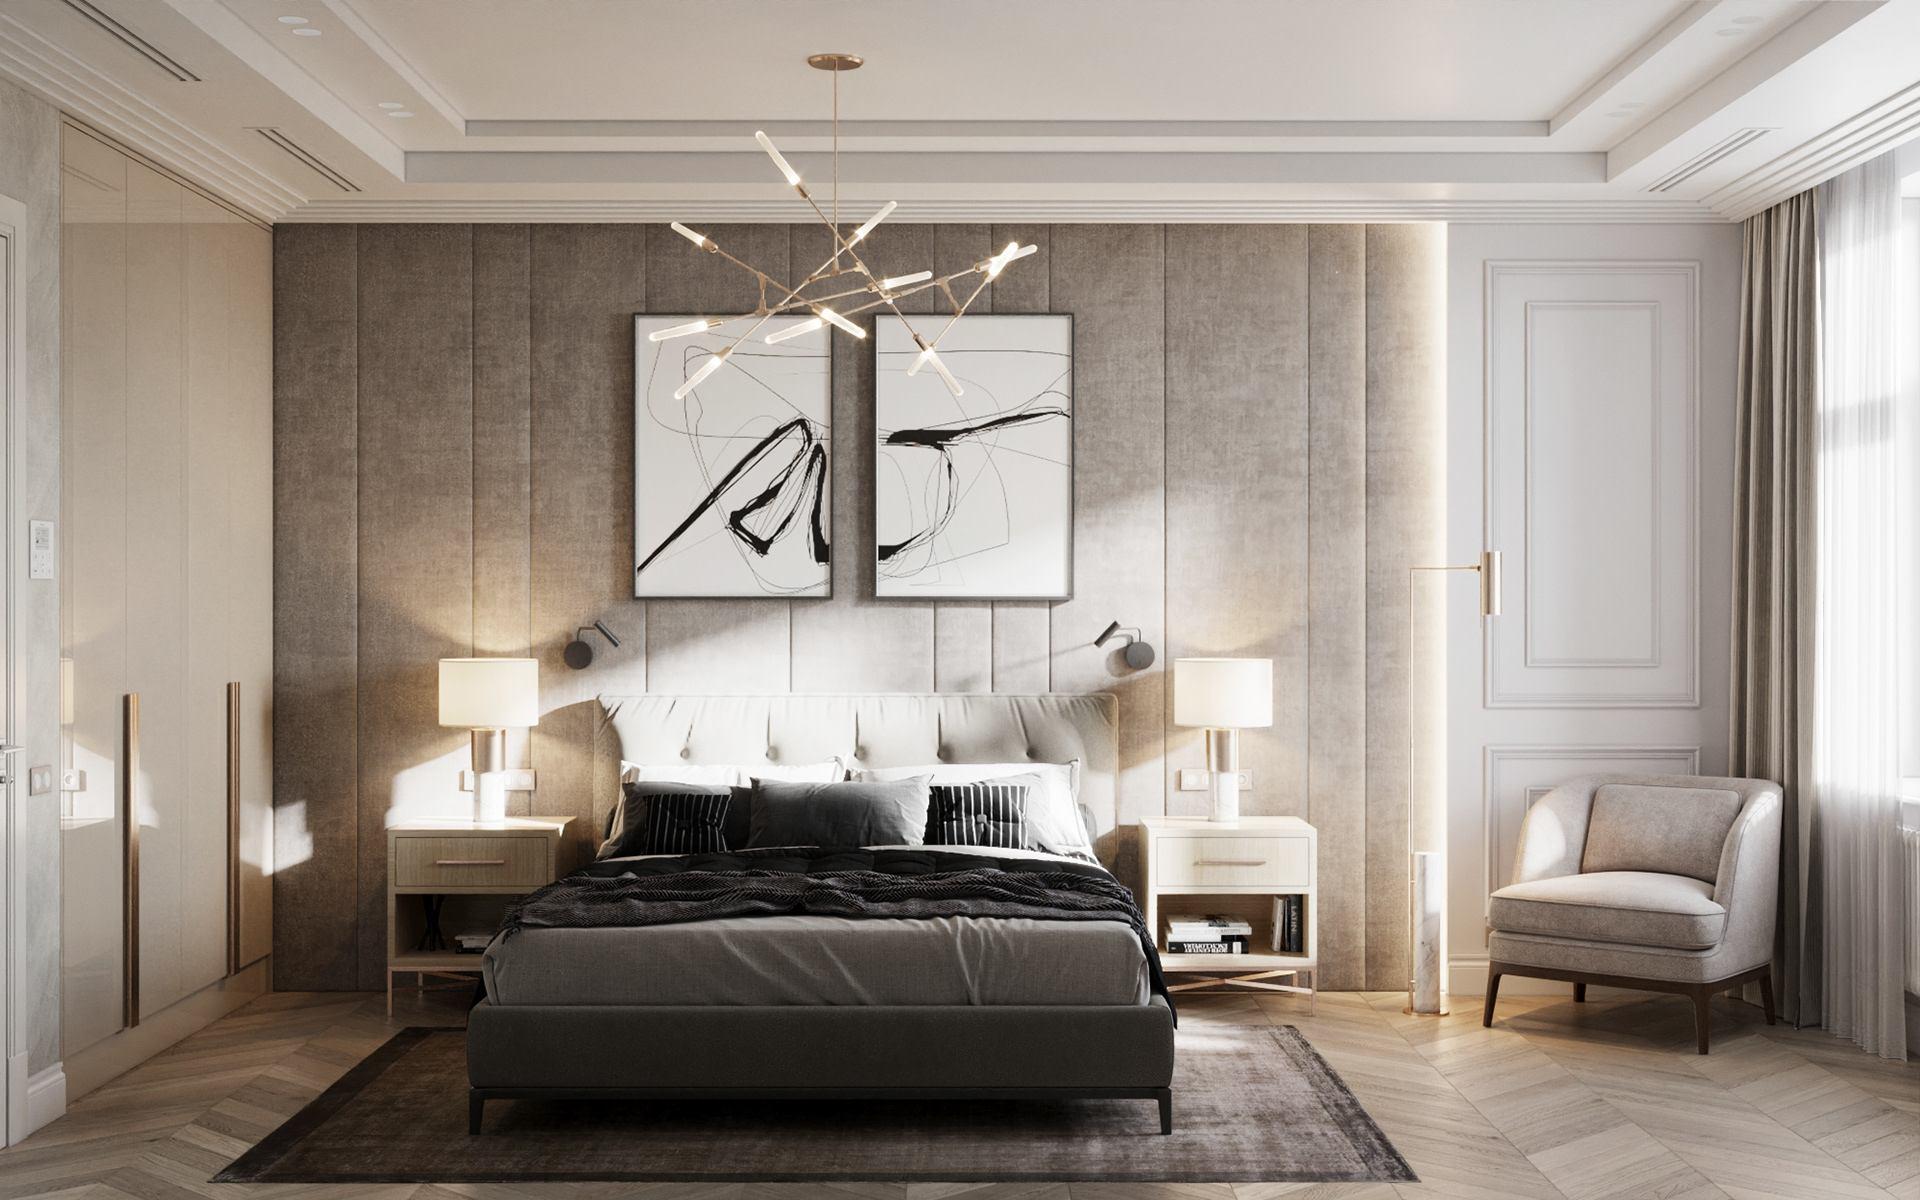 """Ideaalses suuruses vaip magamistoas. Foto: Pinterest, ЖК """"Русский Дом"""". Design Room-Room interiors, Alexey Seldin"""